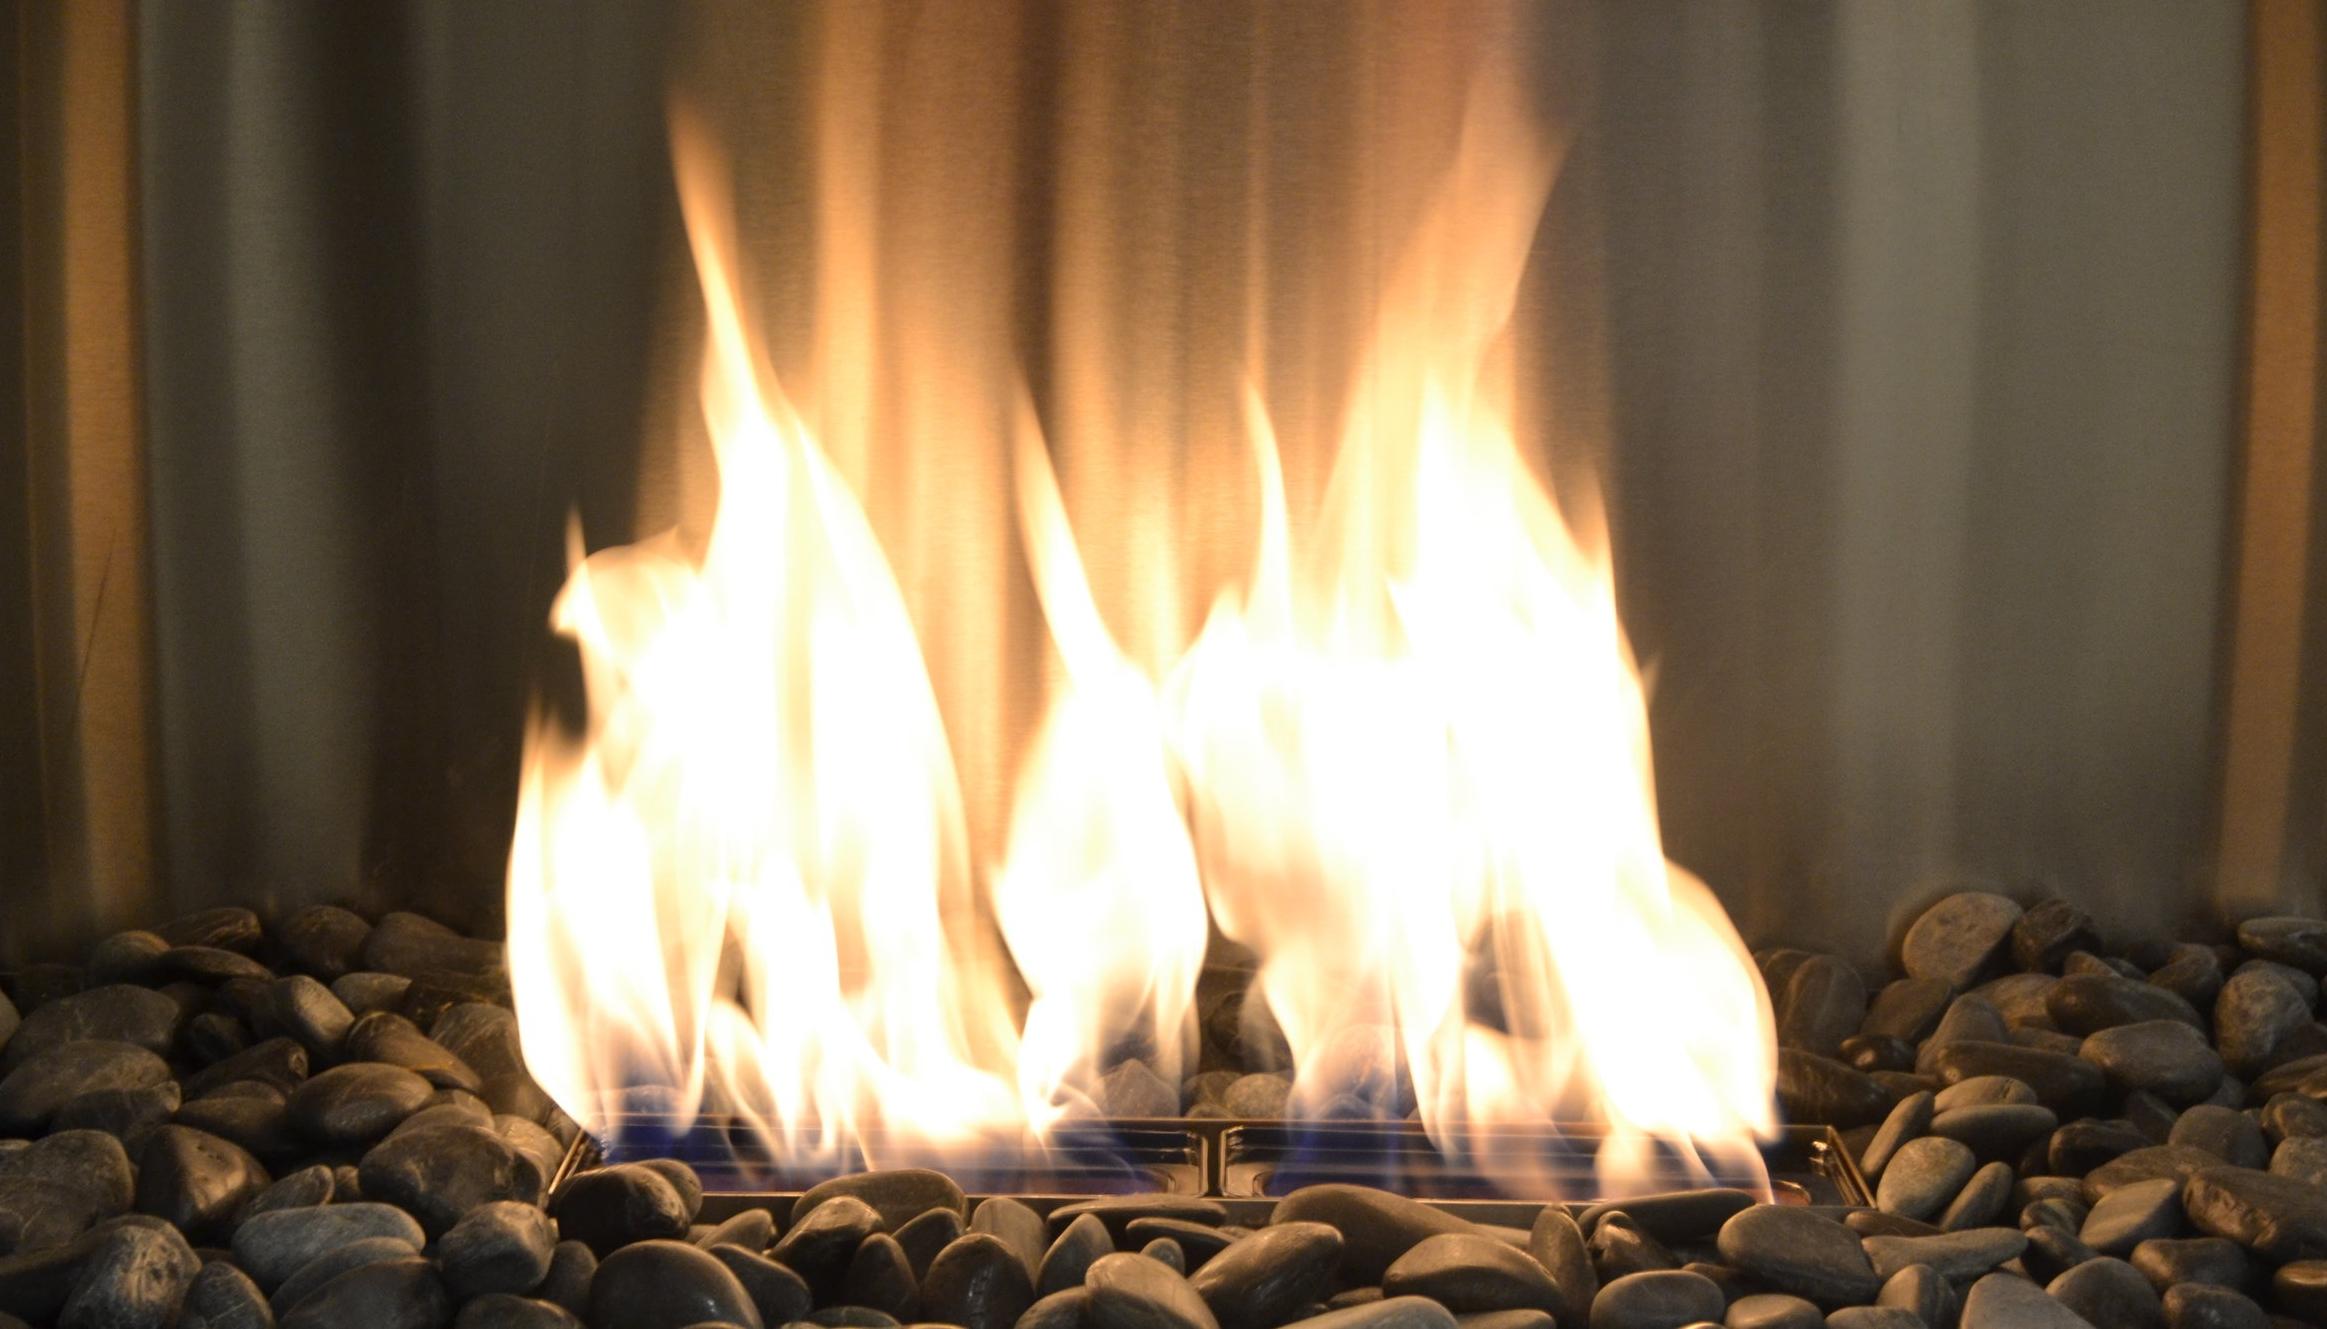 3-sided + flame 098.jpg